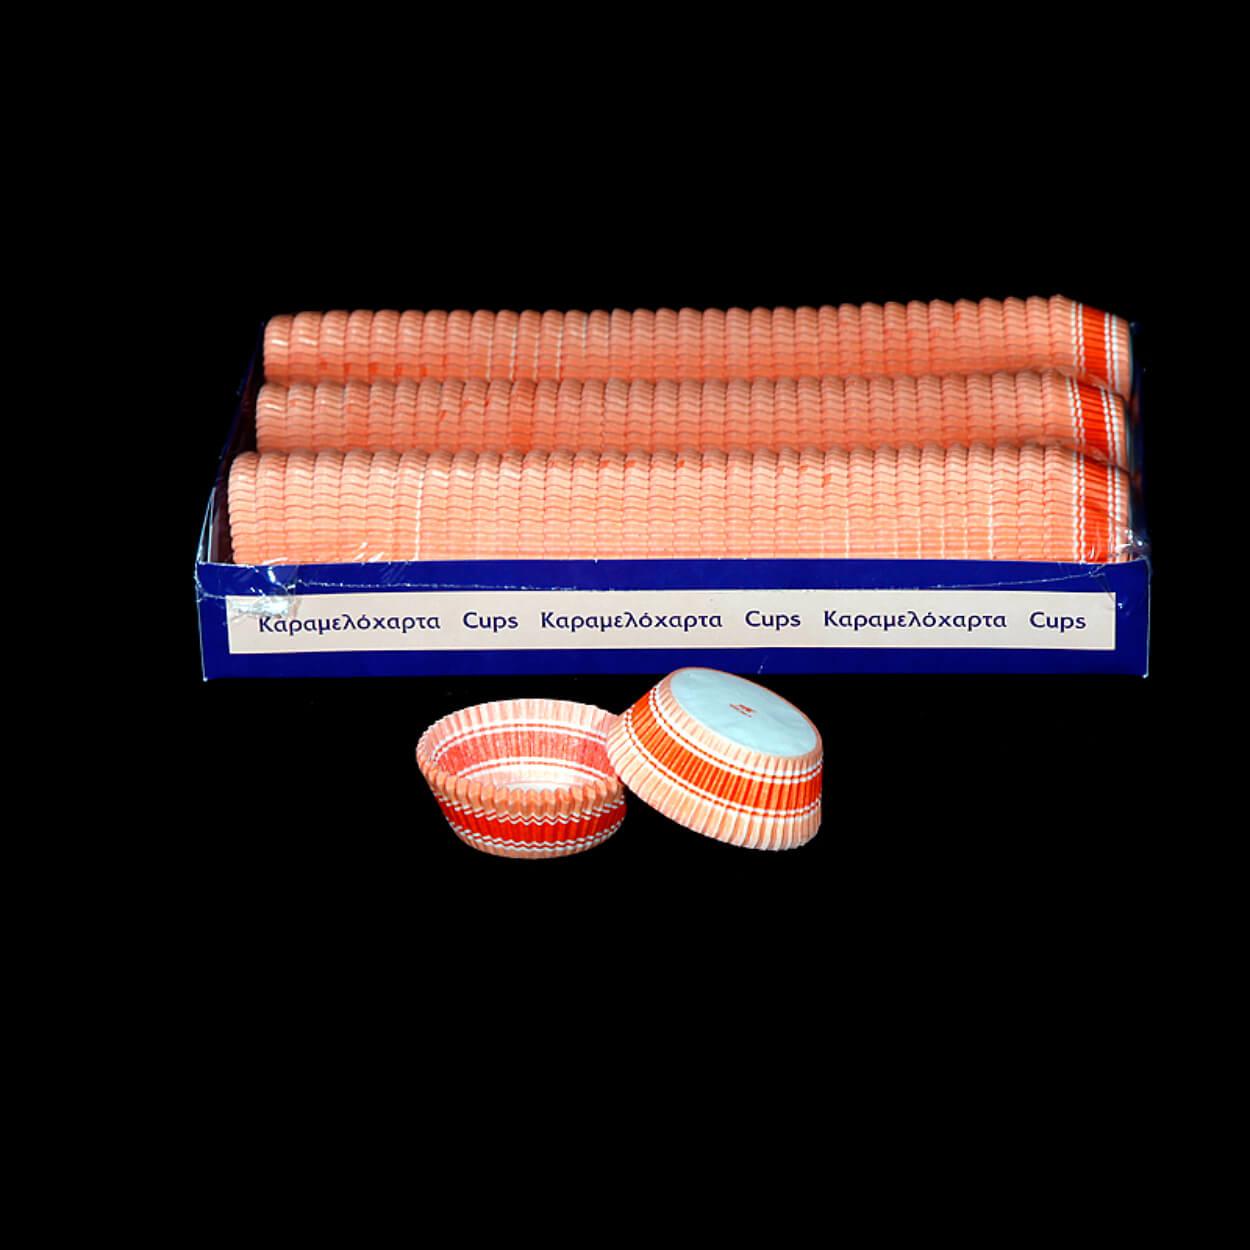 ΣΤΡΟΓΓΥΛΟ ΚΑΡΑΜΕΛΟΧΑΡΤΟ Φ49xΦ98×24,5mm ΛΕΥΚΟ-ΠΟΡΤΟΚΑΛΙ